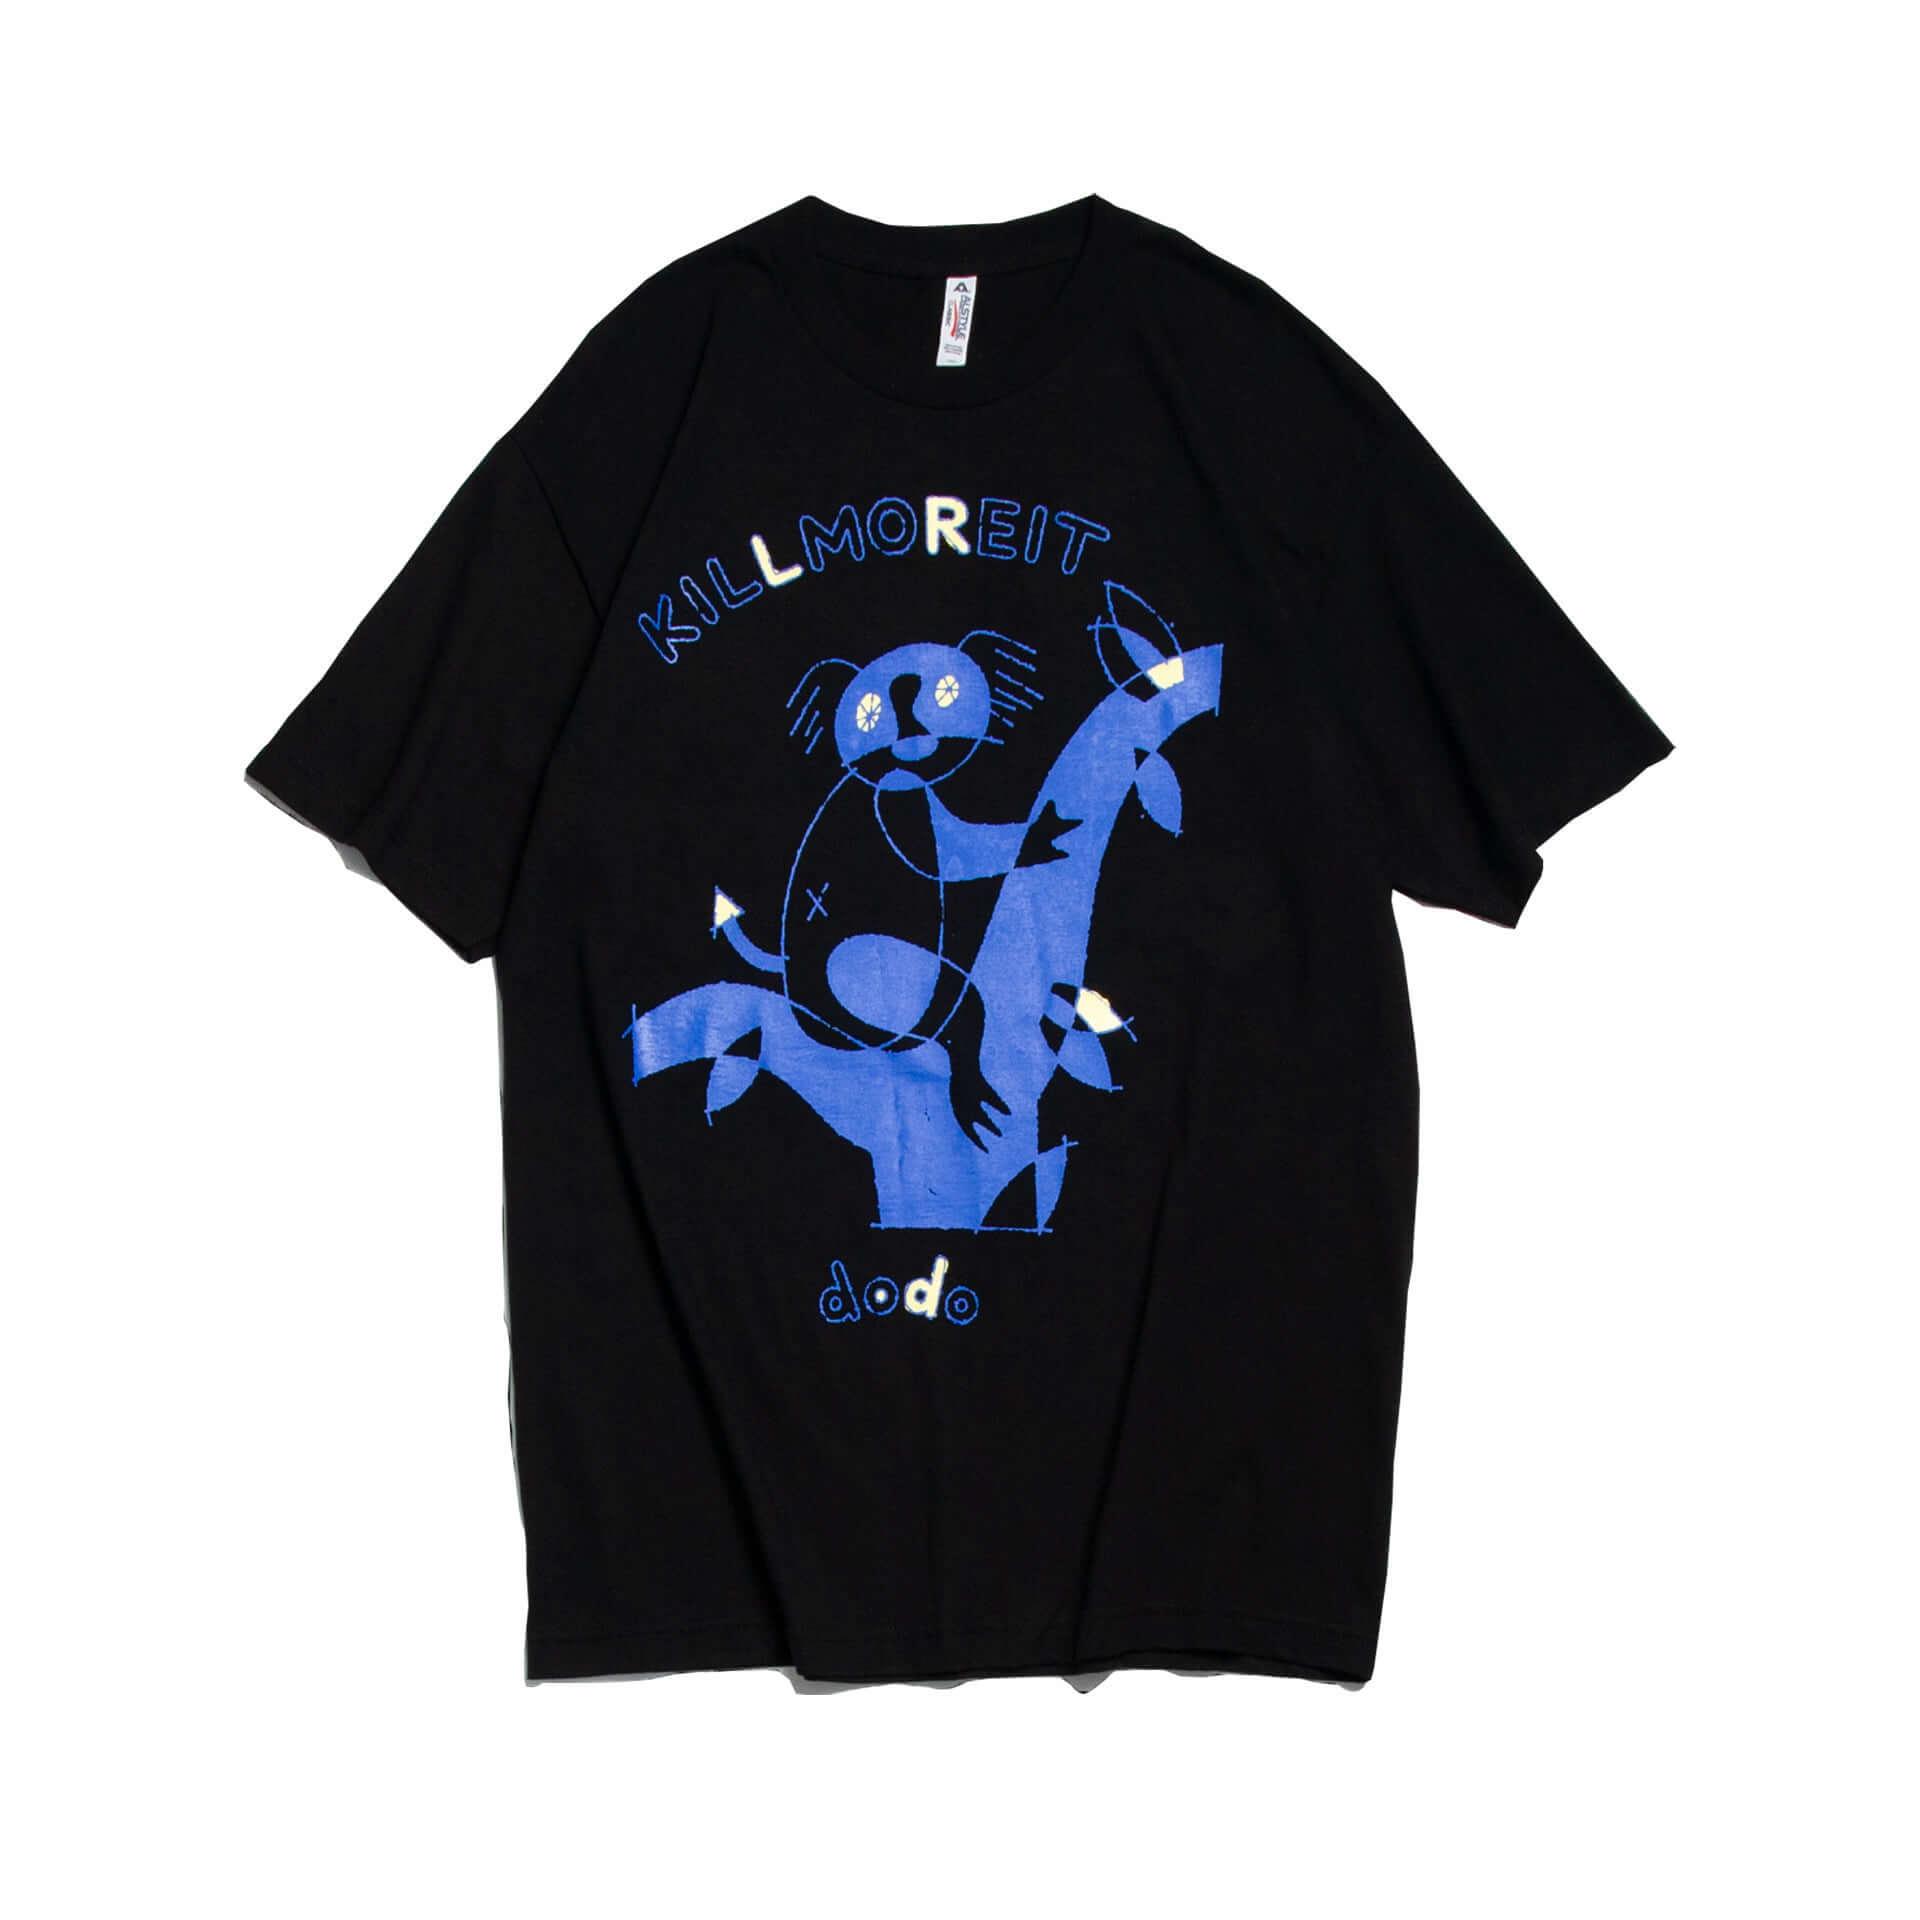 フジロック3日目に出演|新鋭ラッパー・dodo x Ryu OkuboによるコラボTシャツが本日から予約開始 lifefashion190726dodo_8-1920x1920